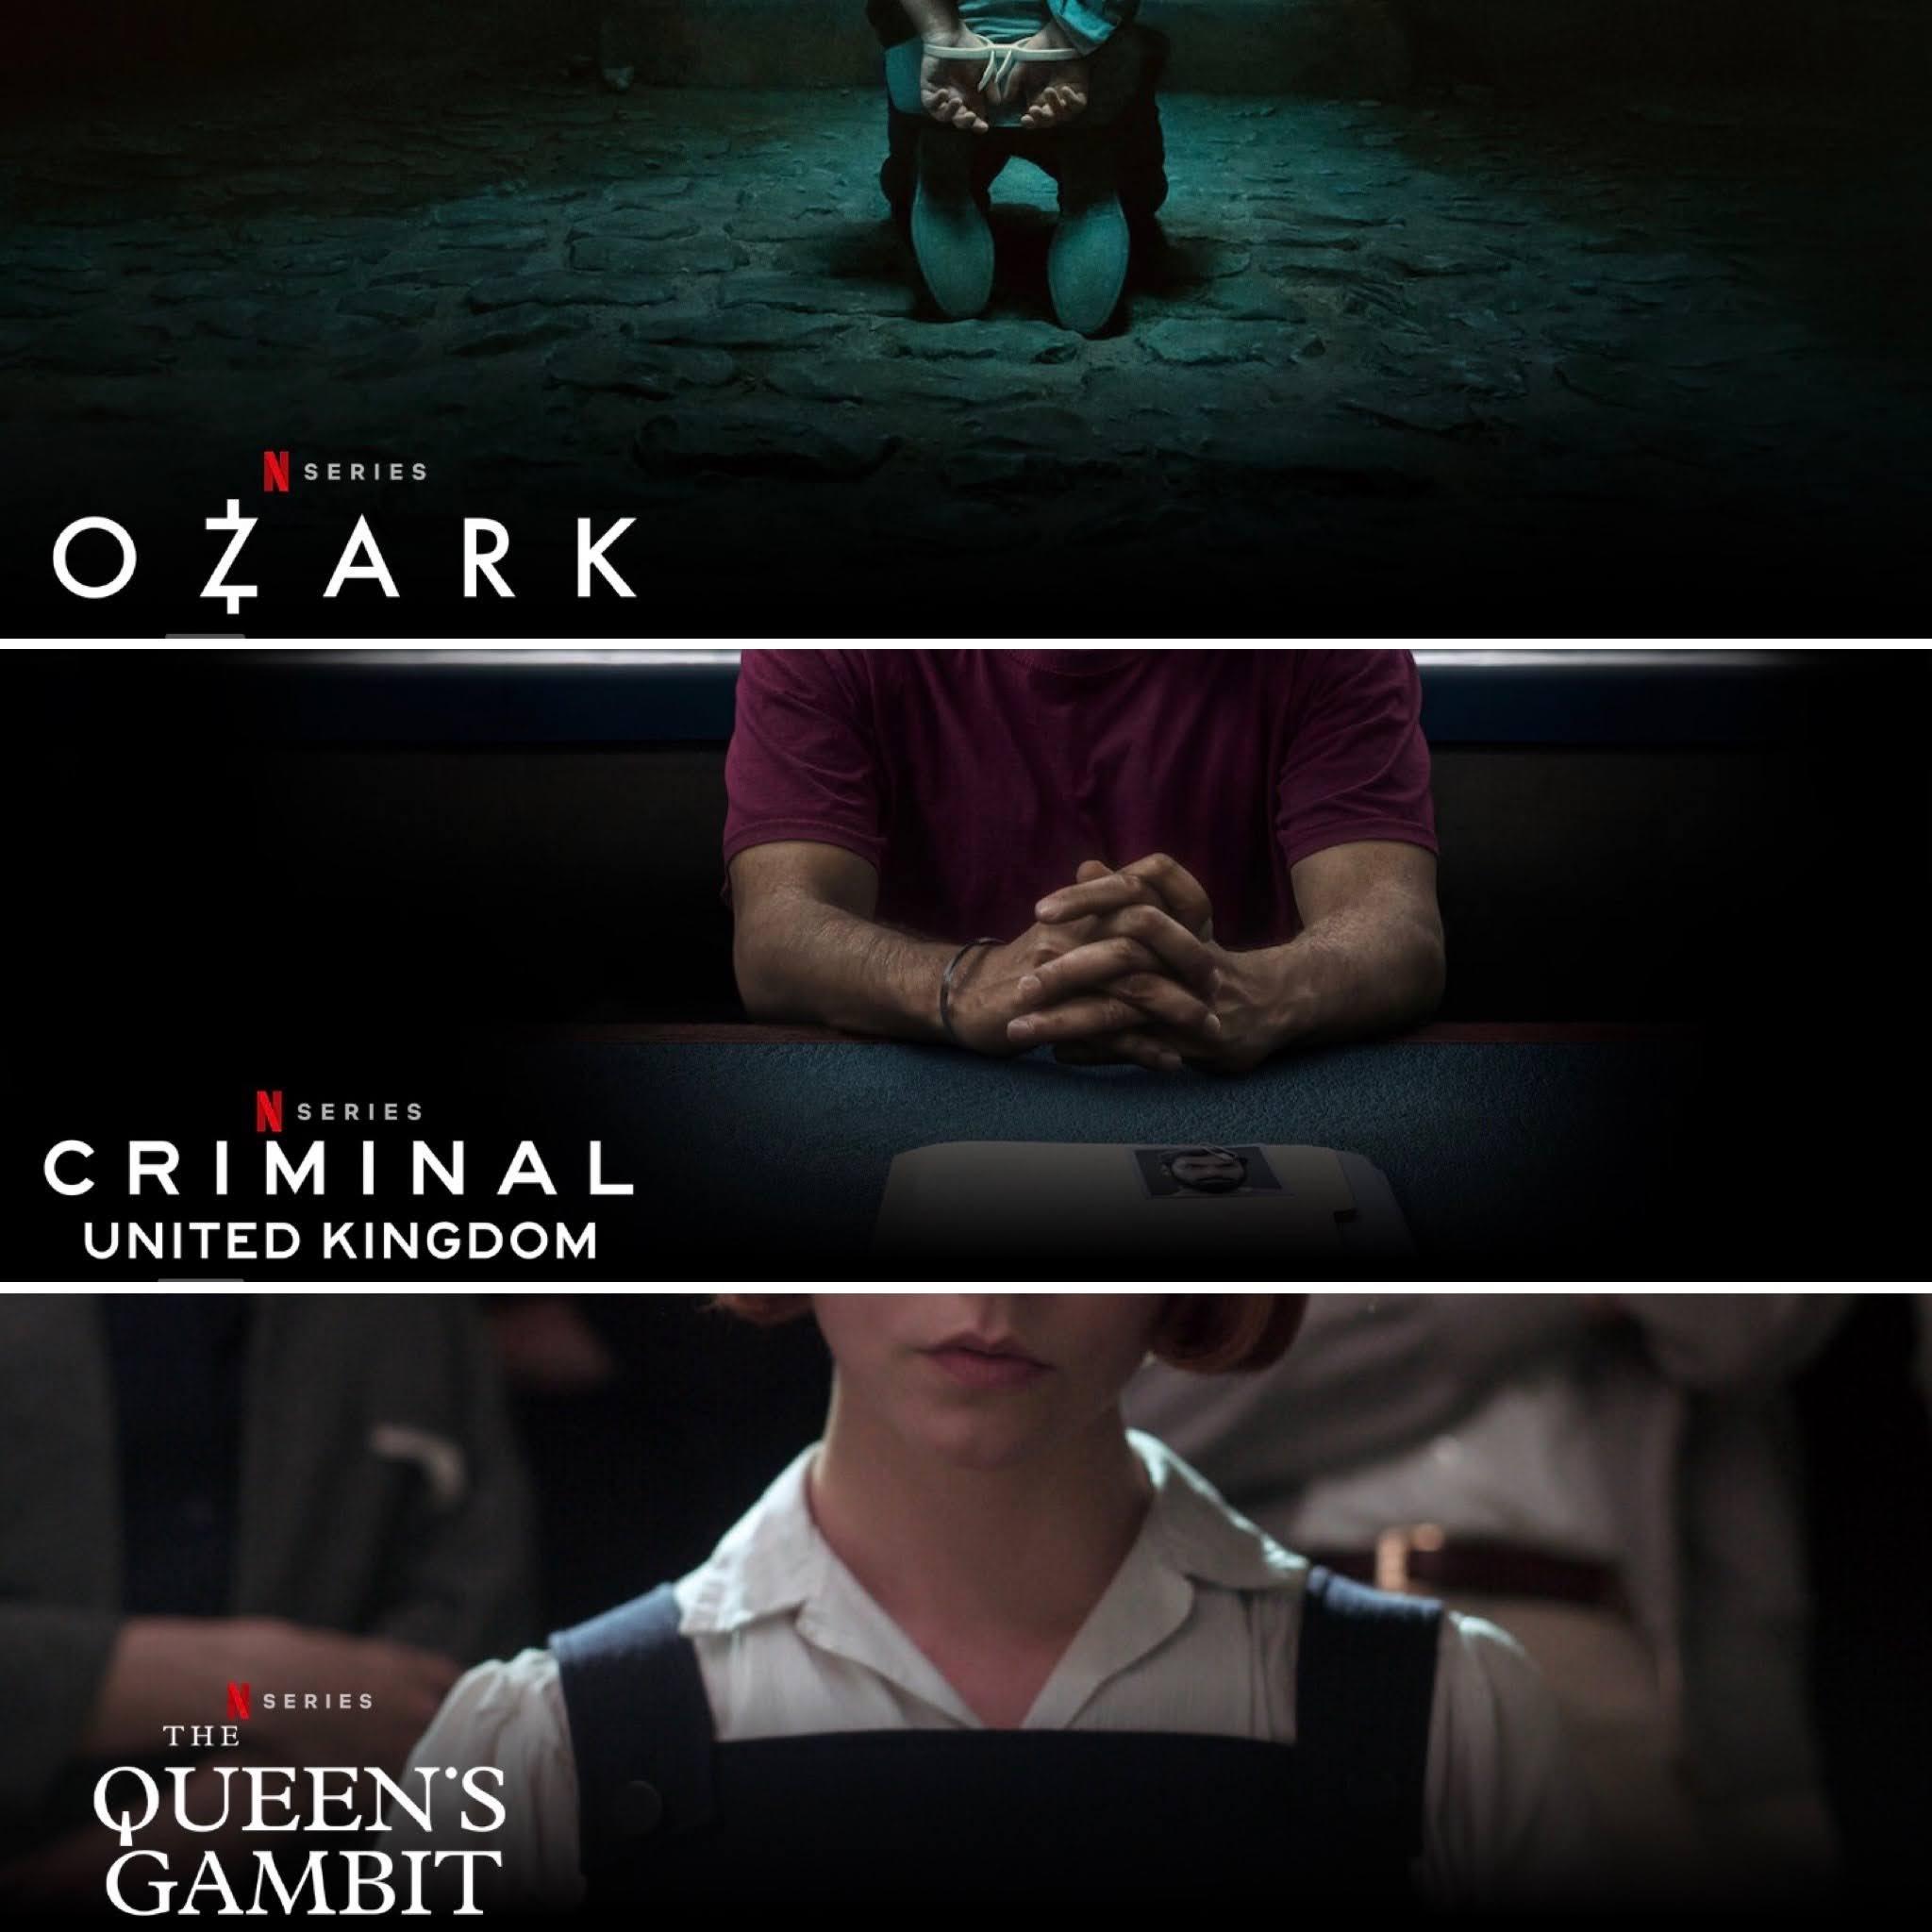 Netflix's Ozark, Criminal: UK, and The Queen's Gambit.